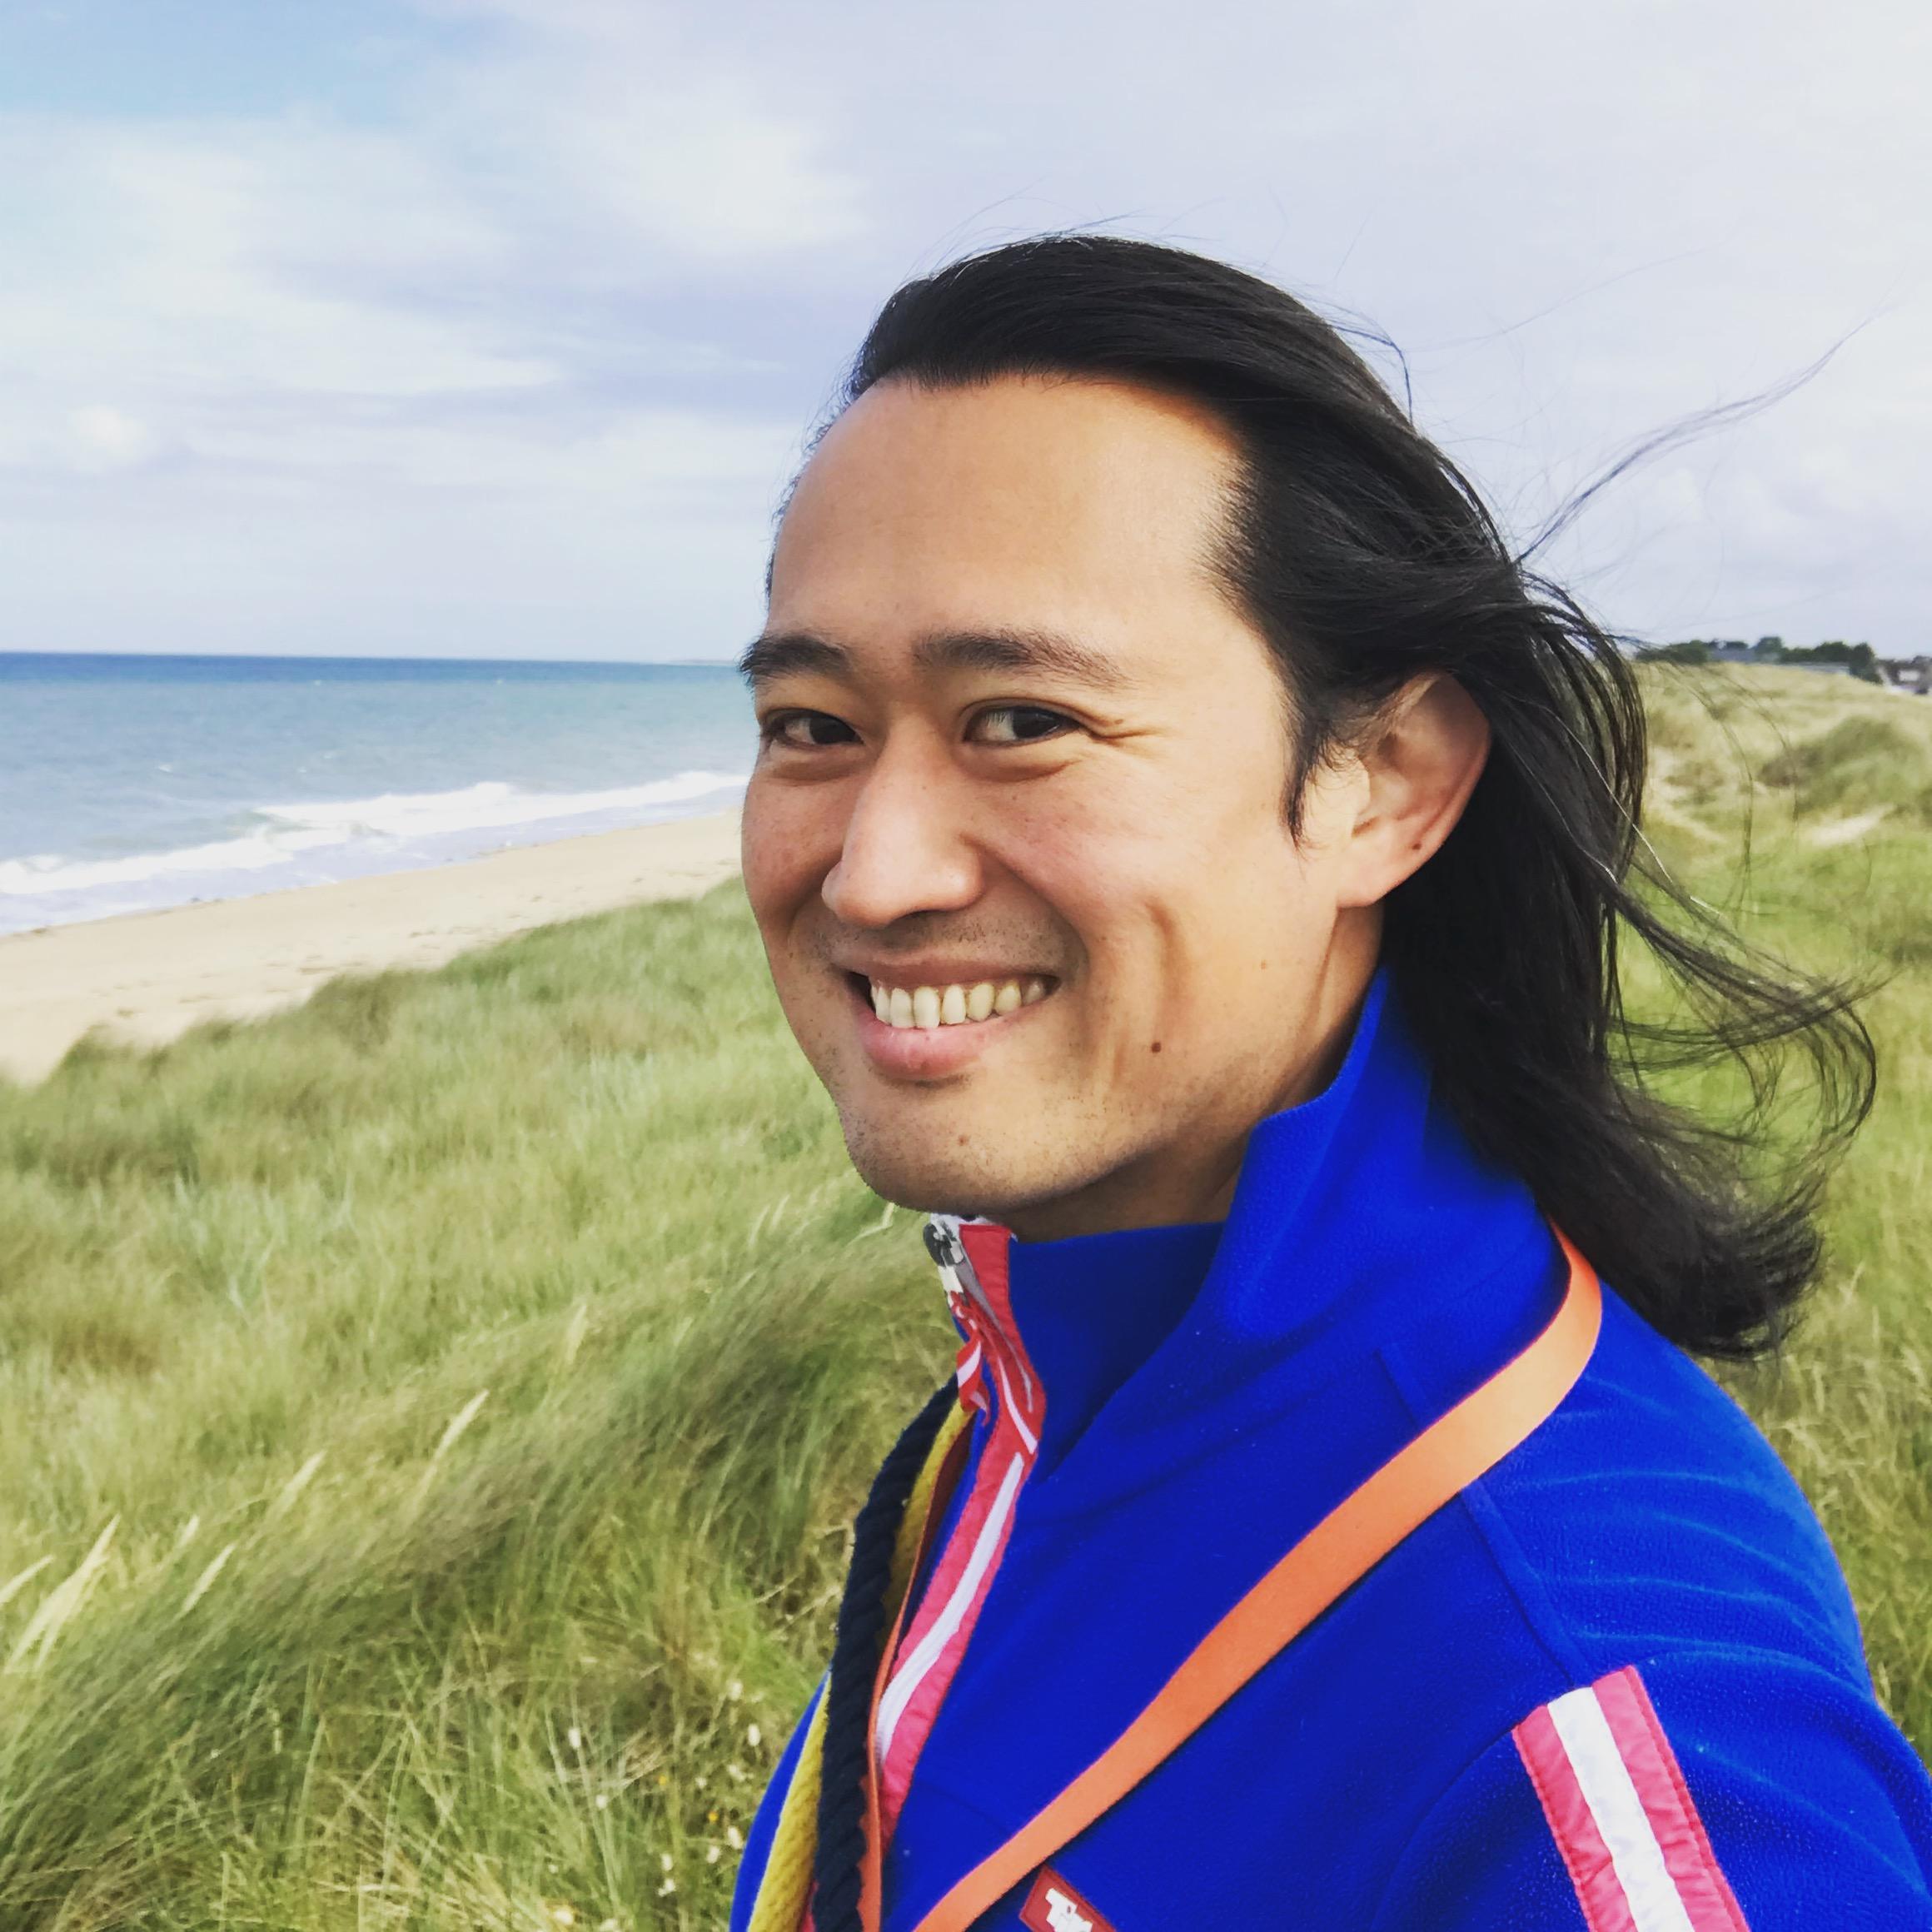 Joo Teoh at Beach.JPG